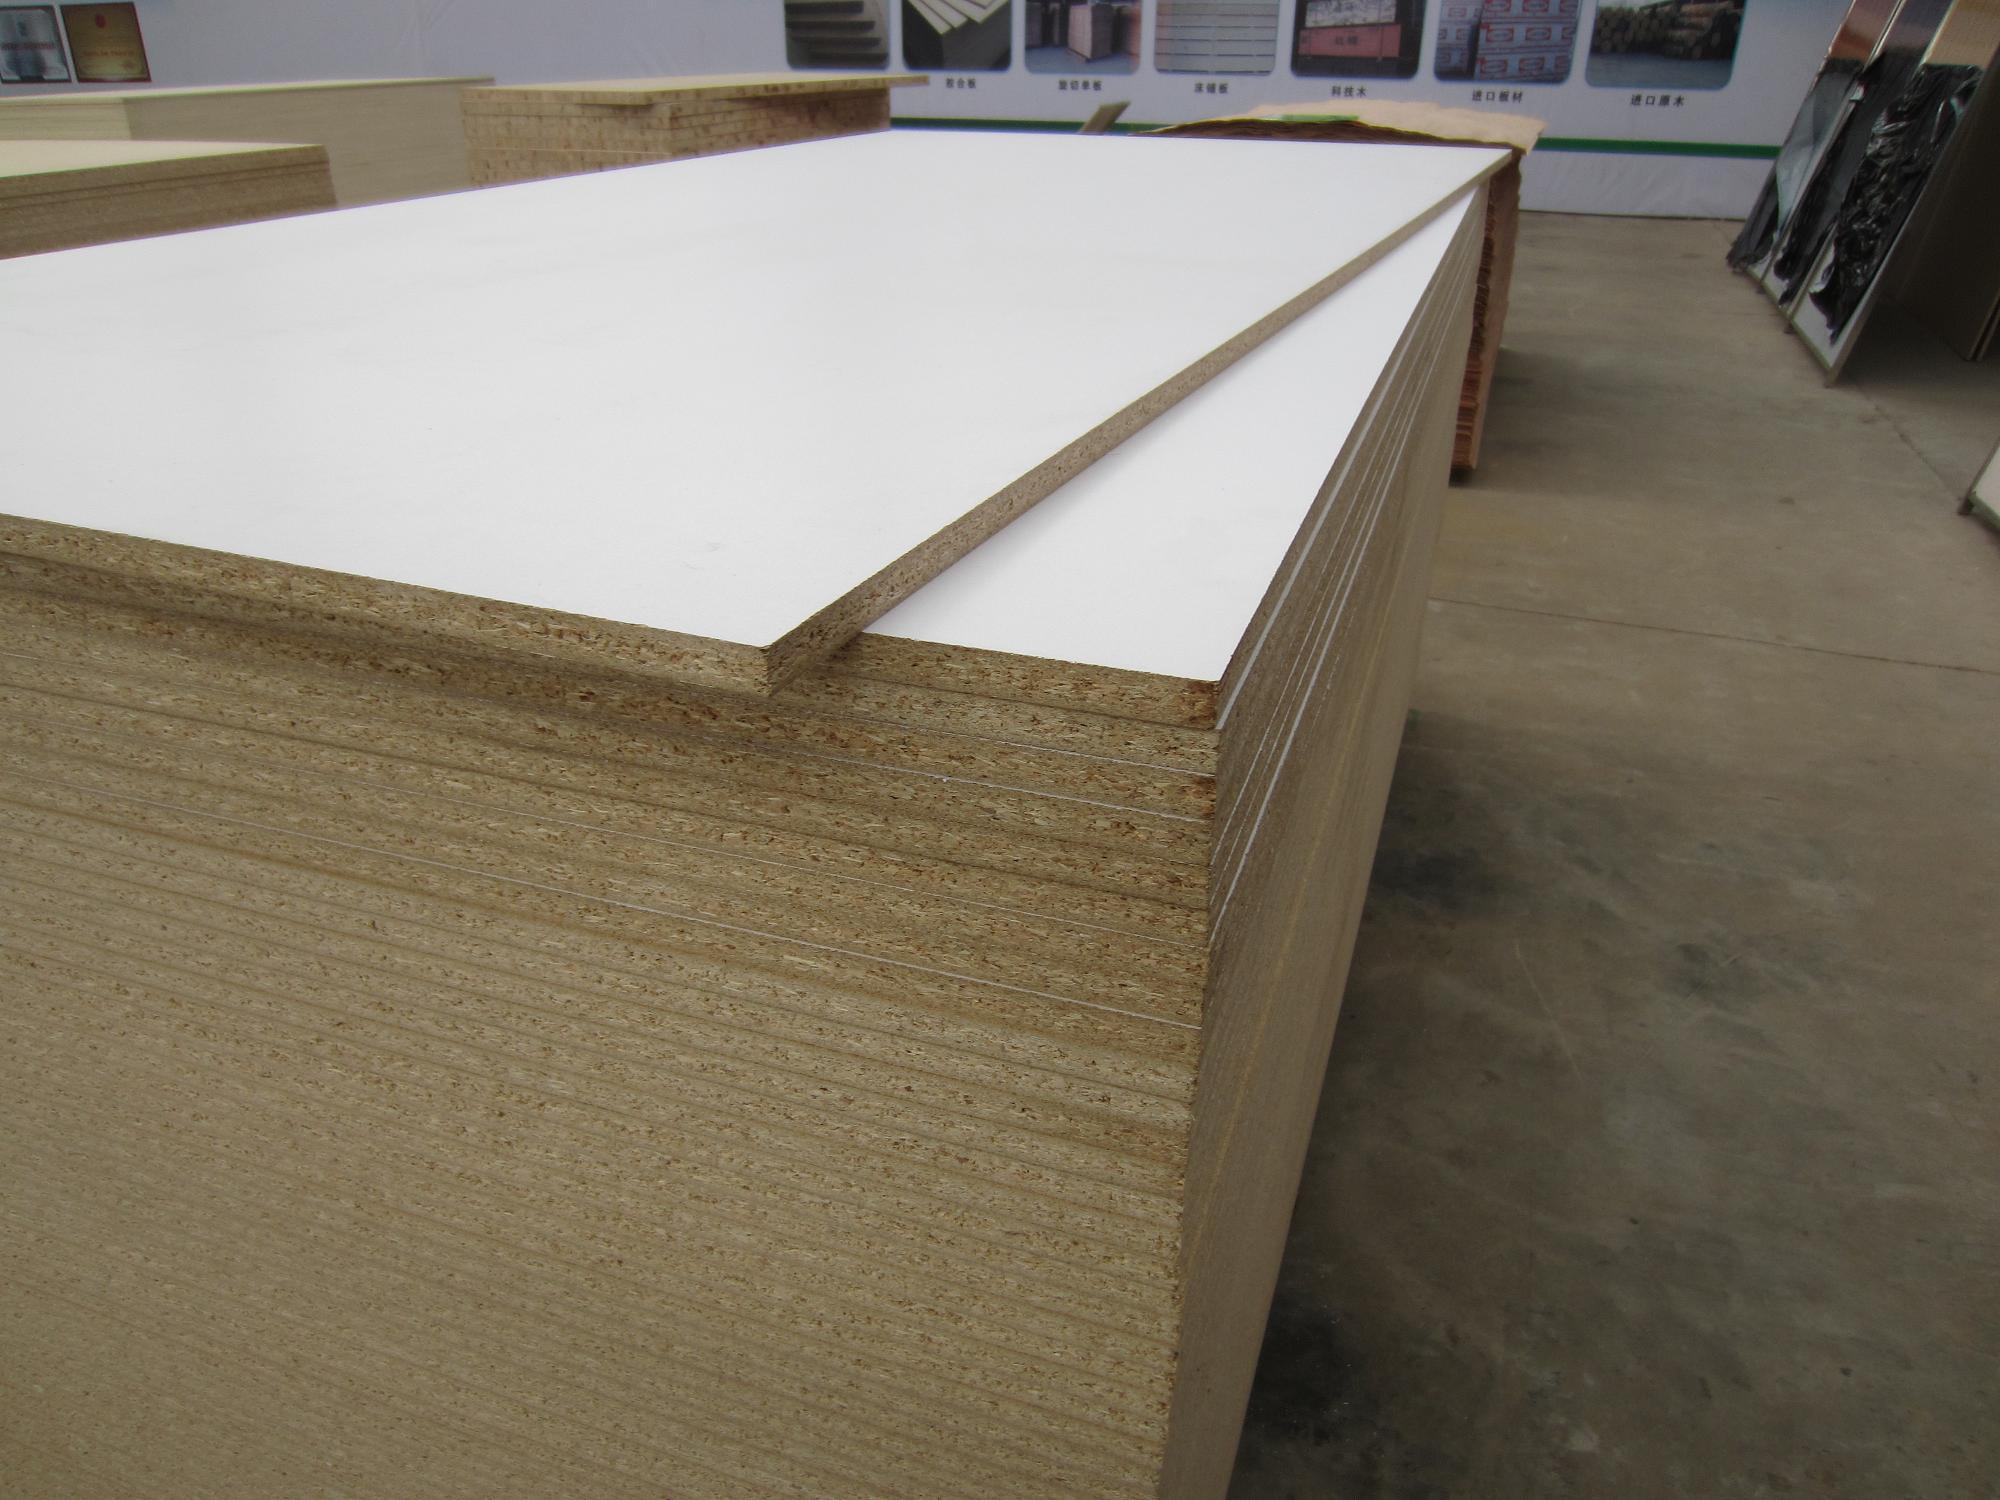 prix de panneau de particules de laminated des prix de panneau de particules de m lamine photo. Black Bedroom Furniture Sets. Home Design Ideas